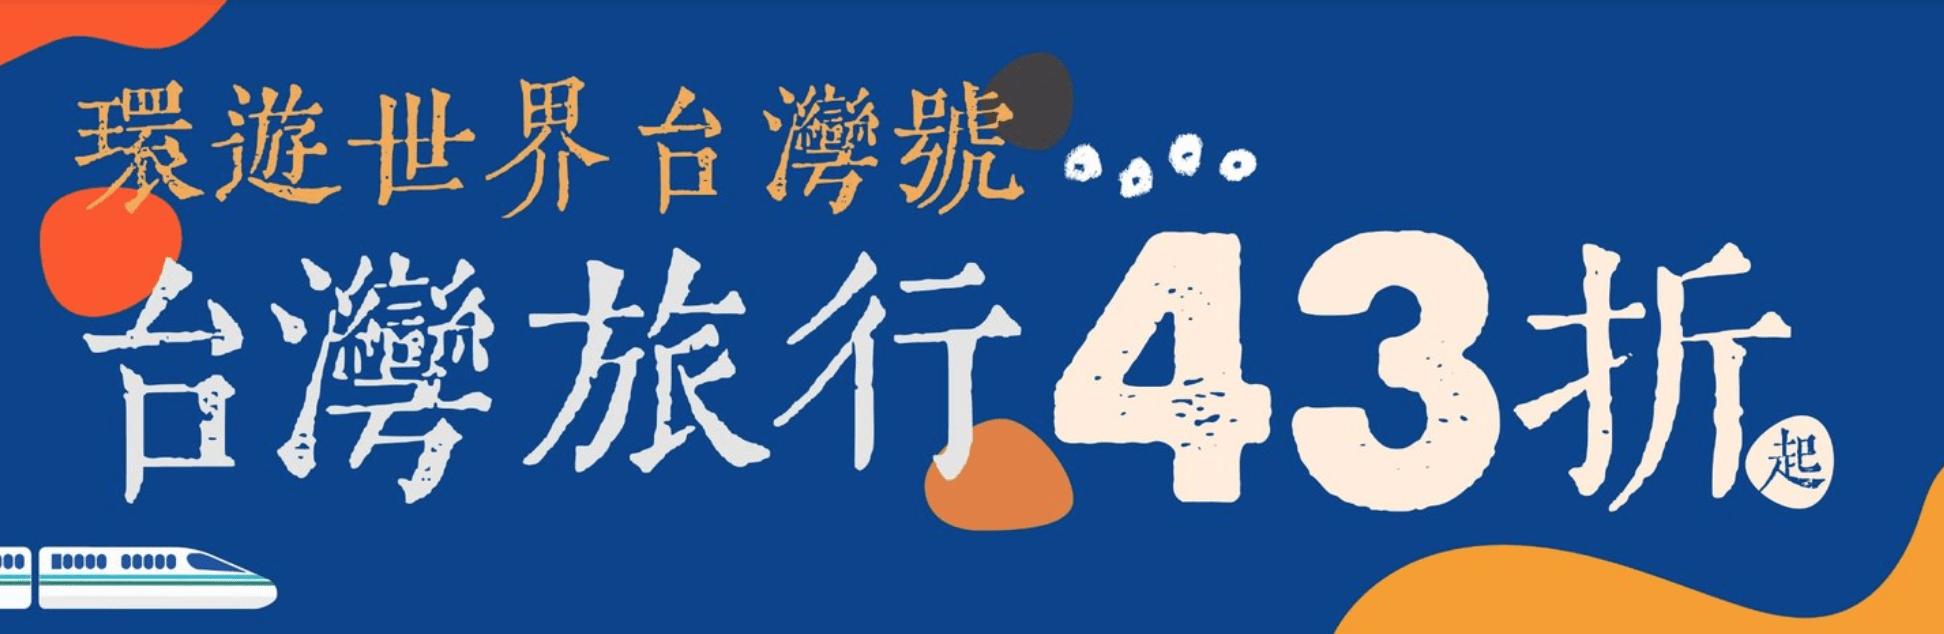 環遊世界台灣號 | 限時優惠 43折起